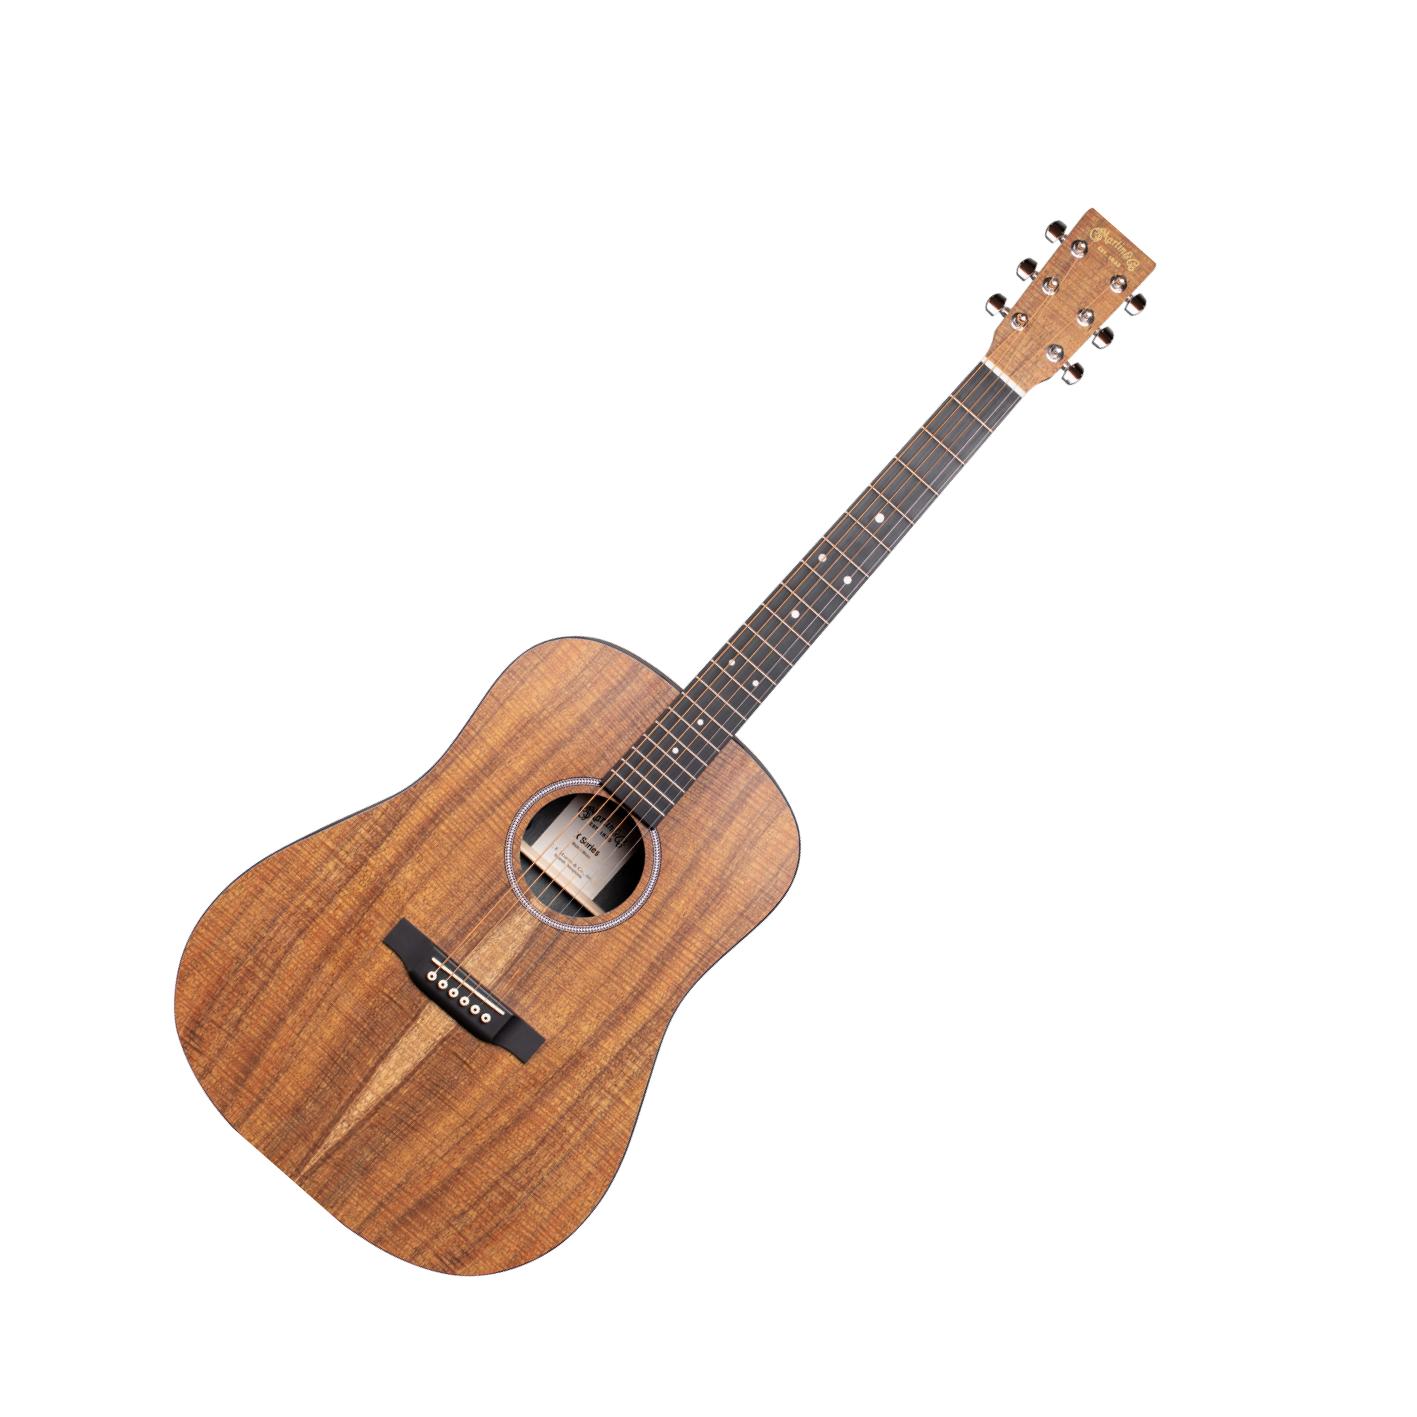 Martin DX1E Koa Electro Acoustic